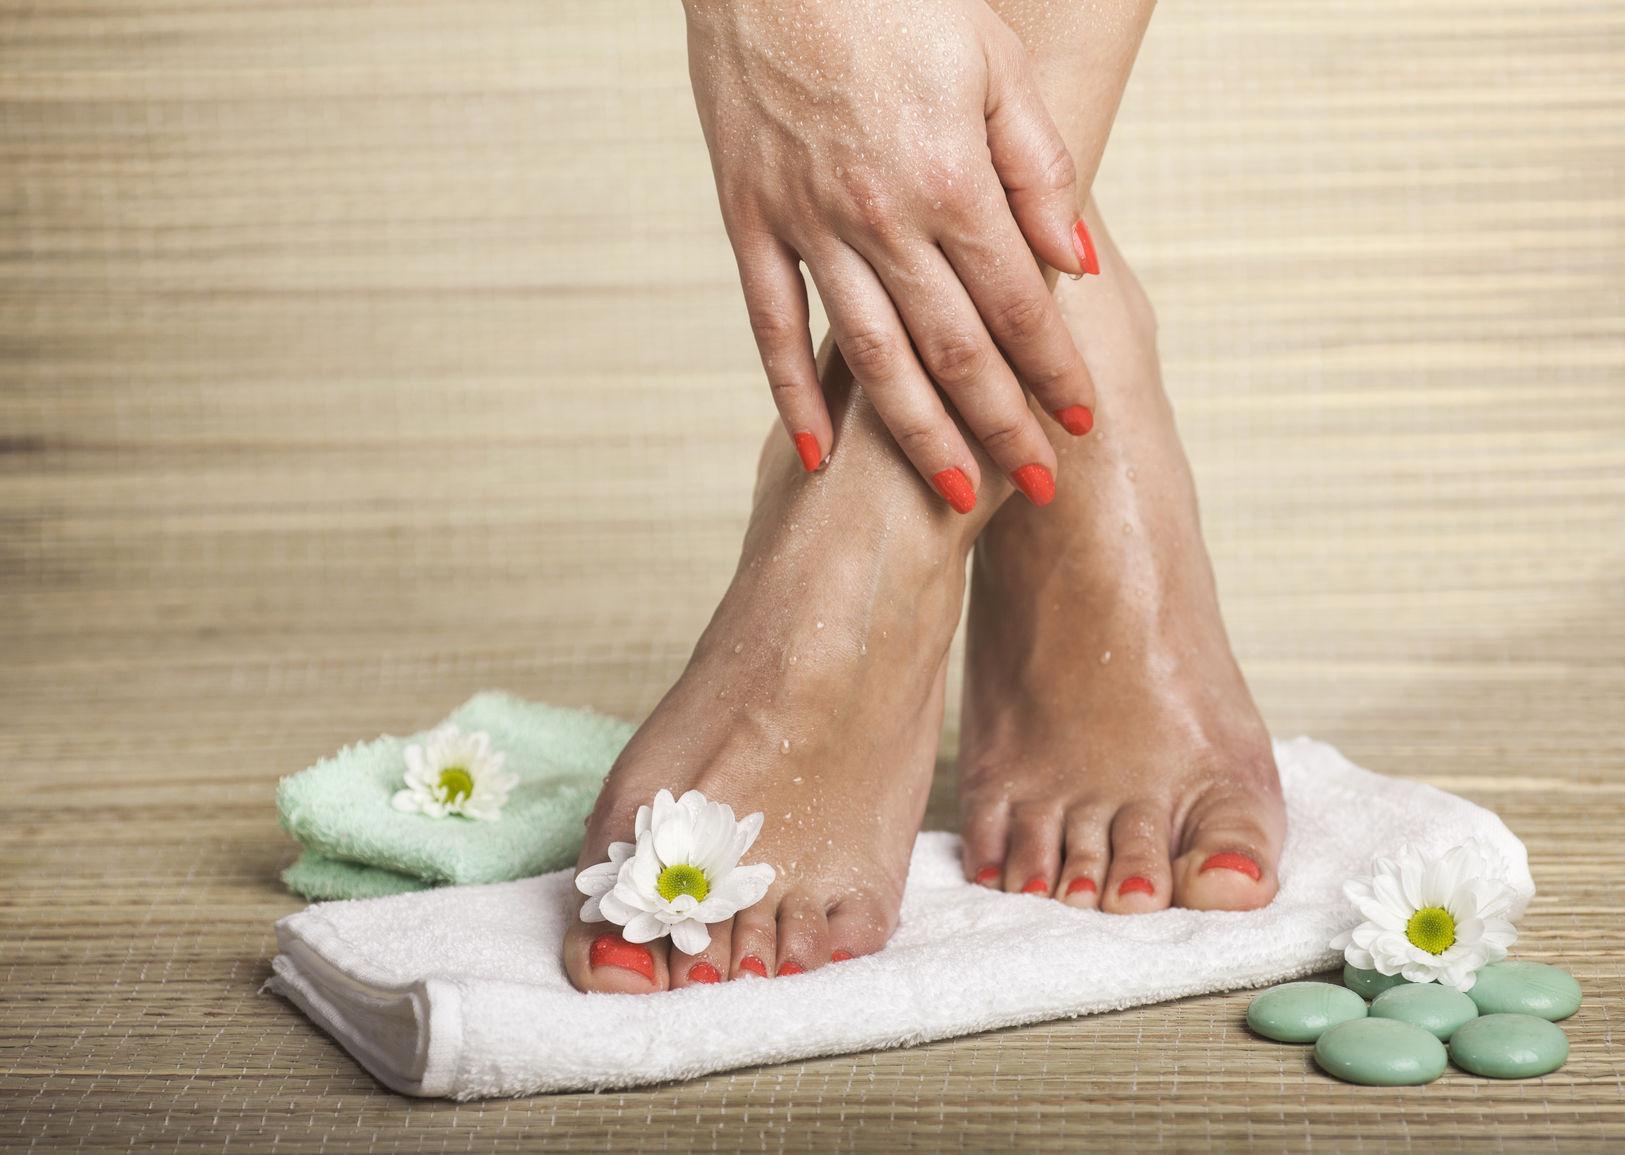 cum să tratezi inflamația articulațiilor de pe picioare